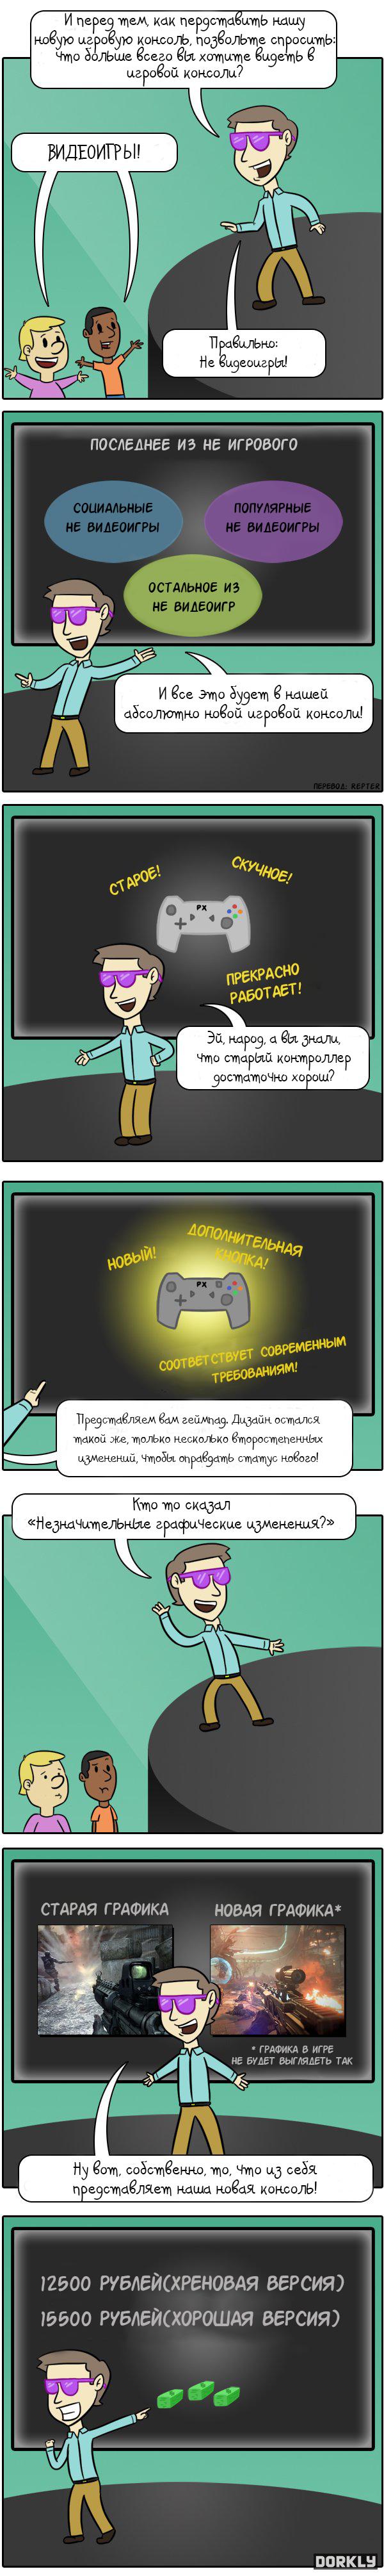 И еще один забавный комикс про вчерашнюю презентацию#XboxOne - Изображение 1